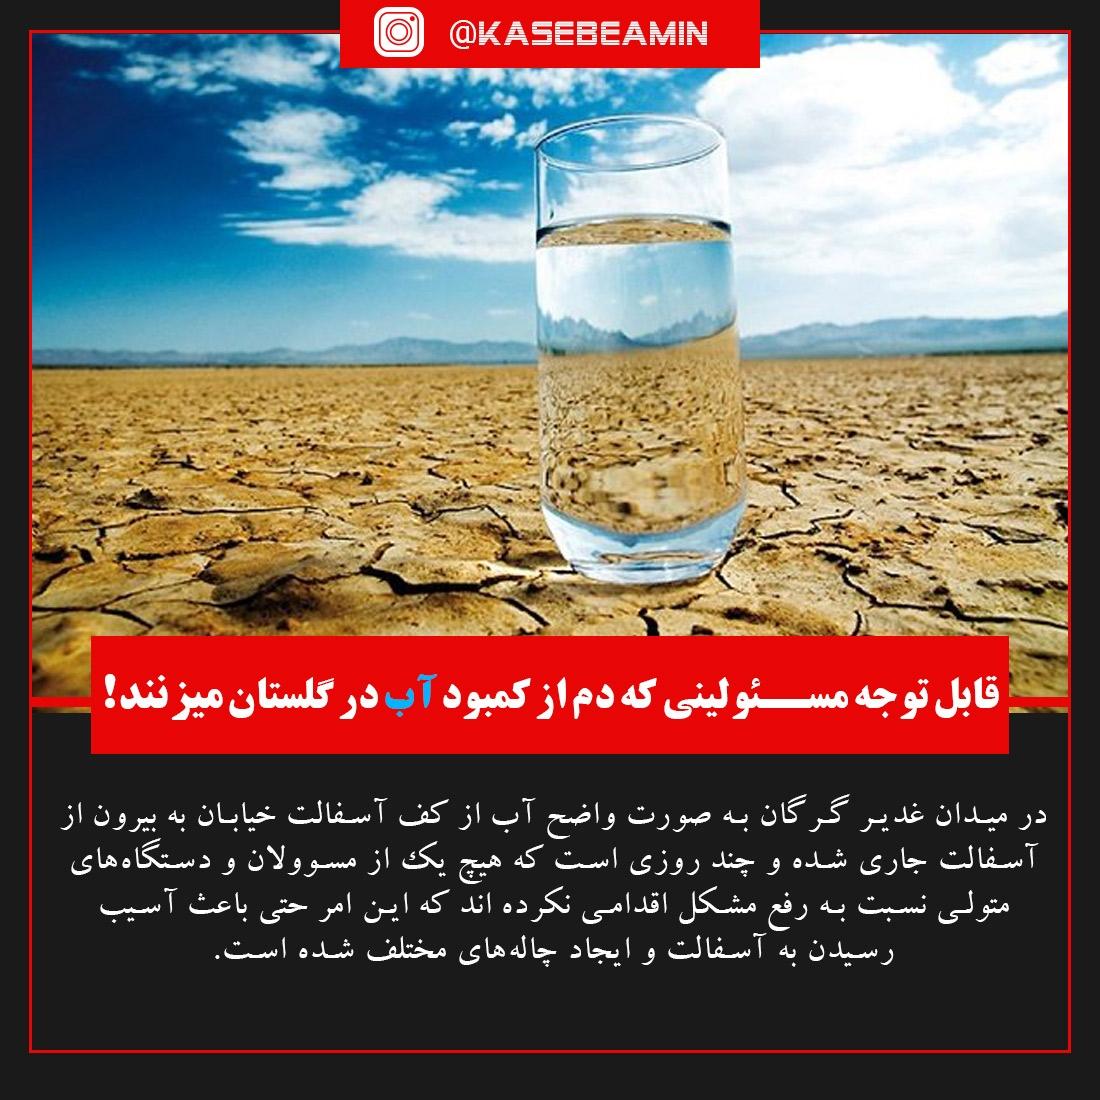 بی تدبیری دولت در گلستان تا اخراج نیرو ها2